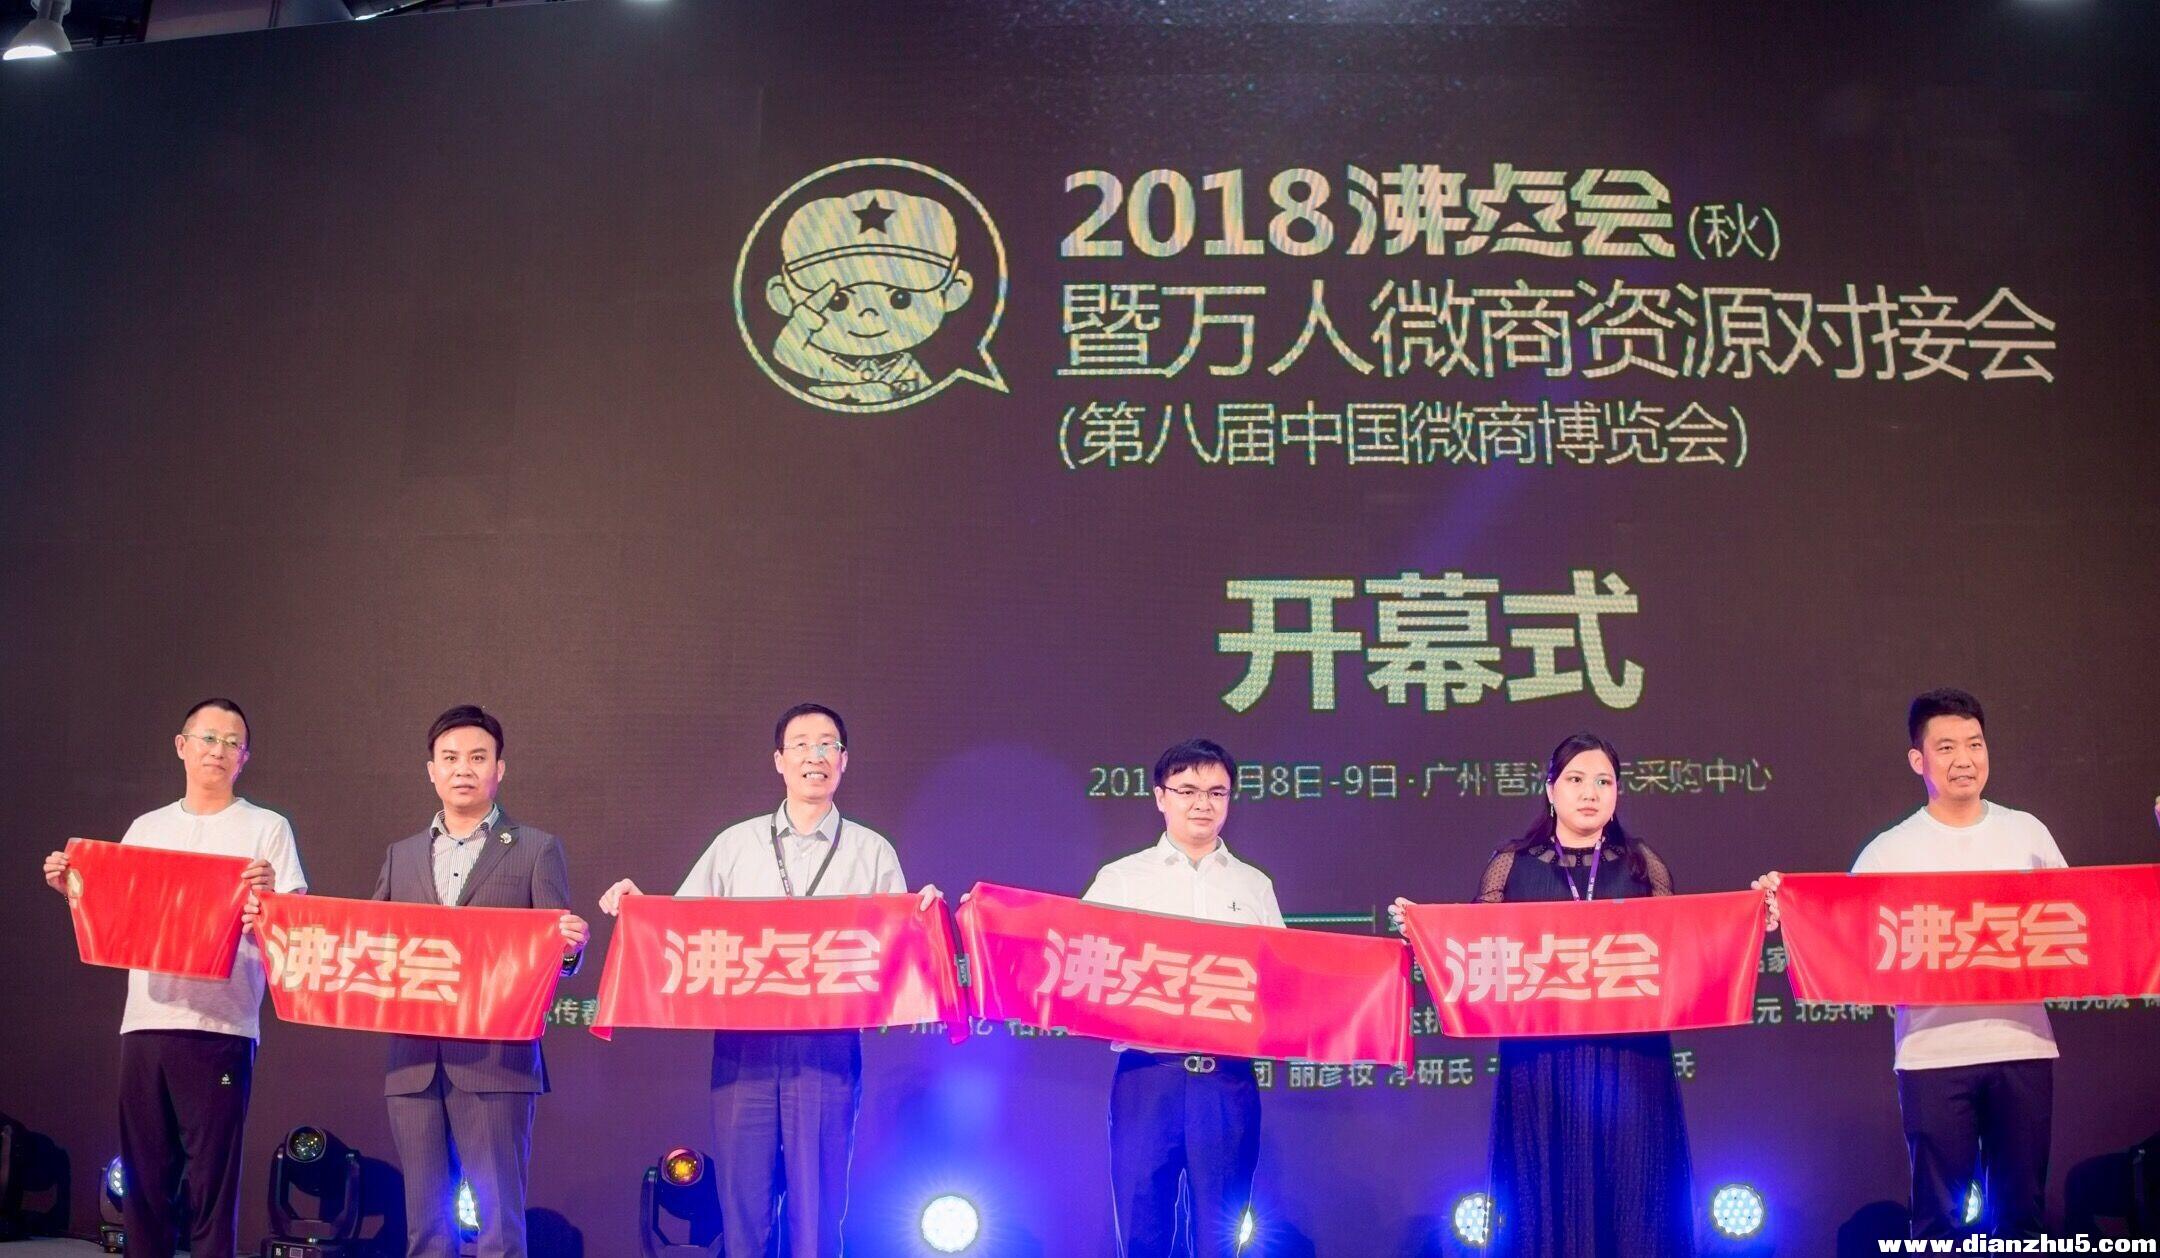 2018沸点会暨万人微商资源对接会在广州举办